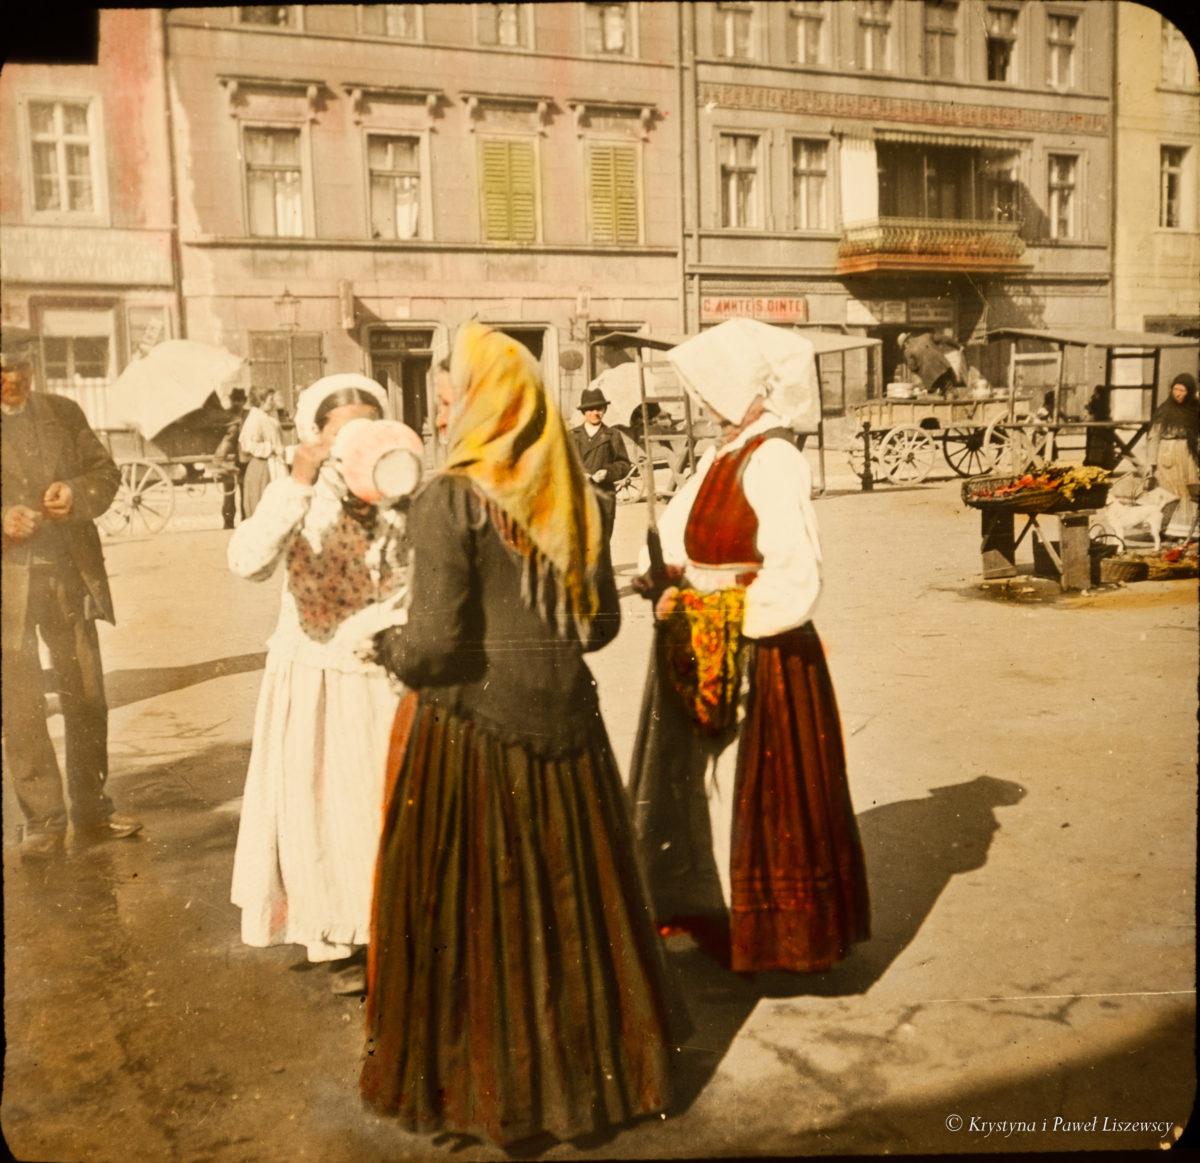 Kalisz na diapozytywach i autochromach – kolekcja fotografii znaleziona na strychu w Liskowie